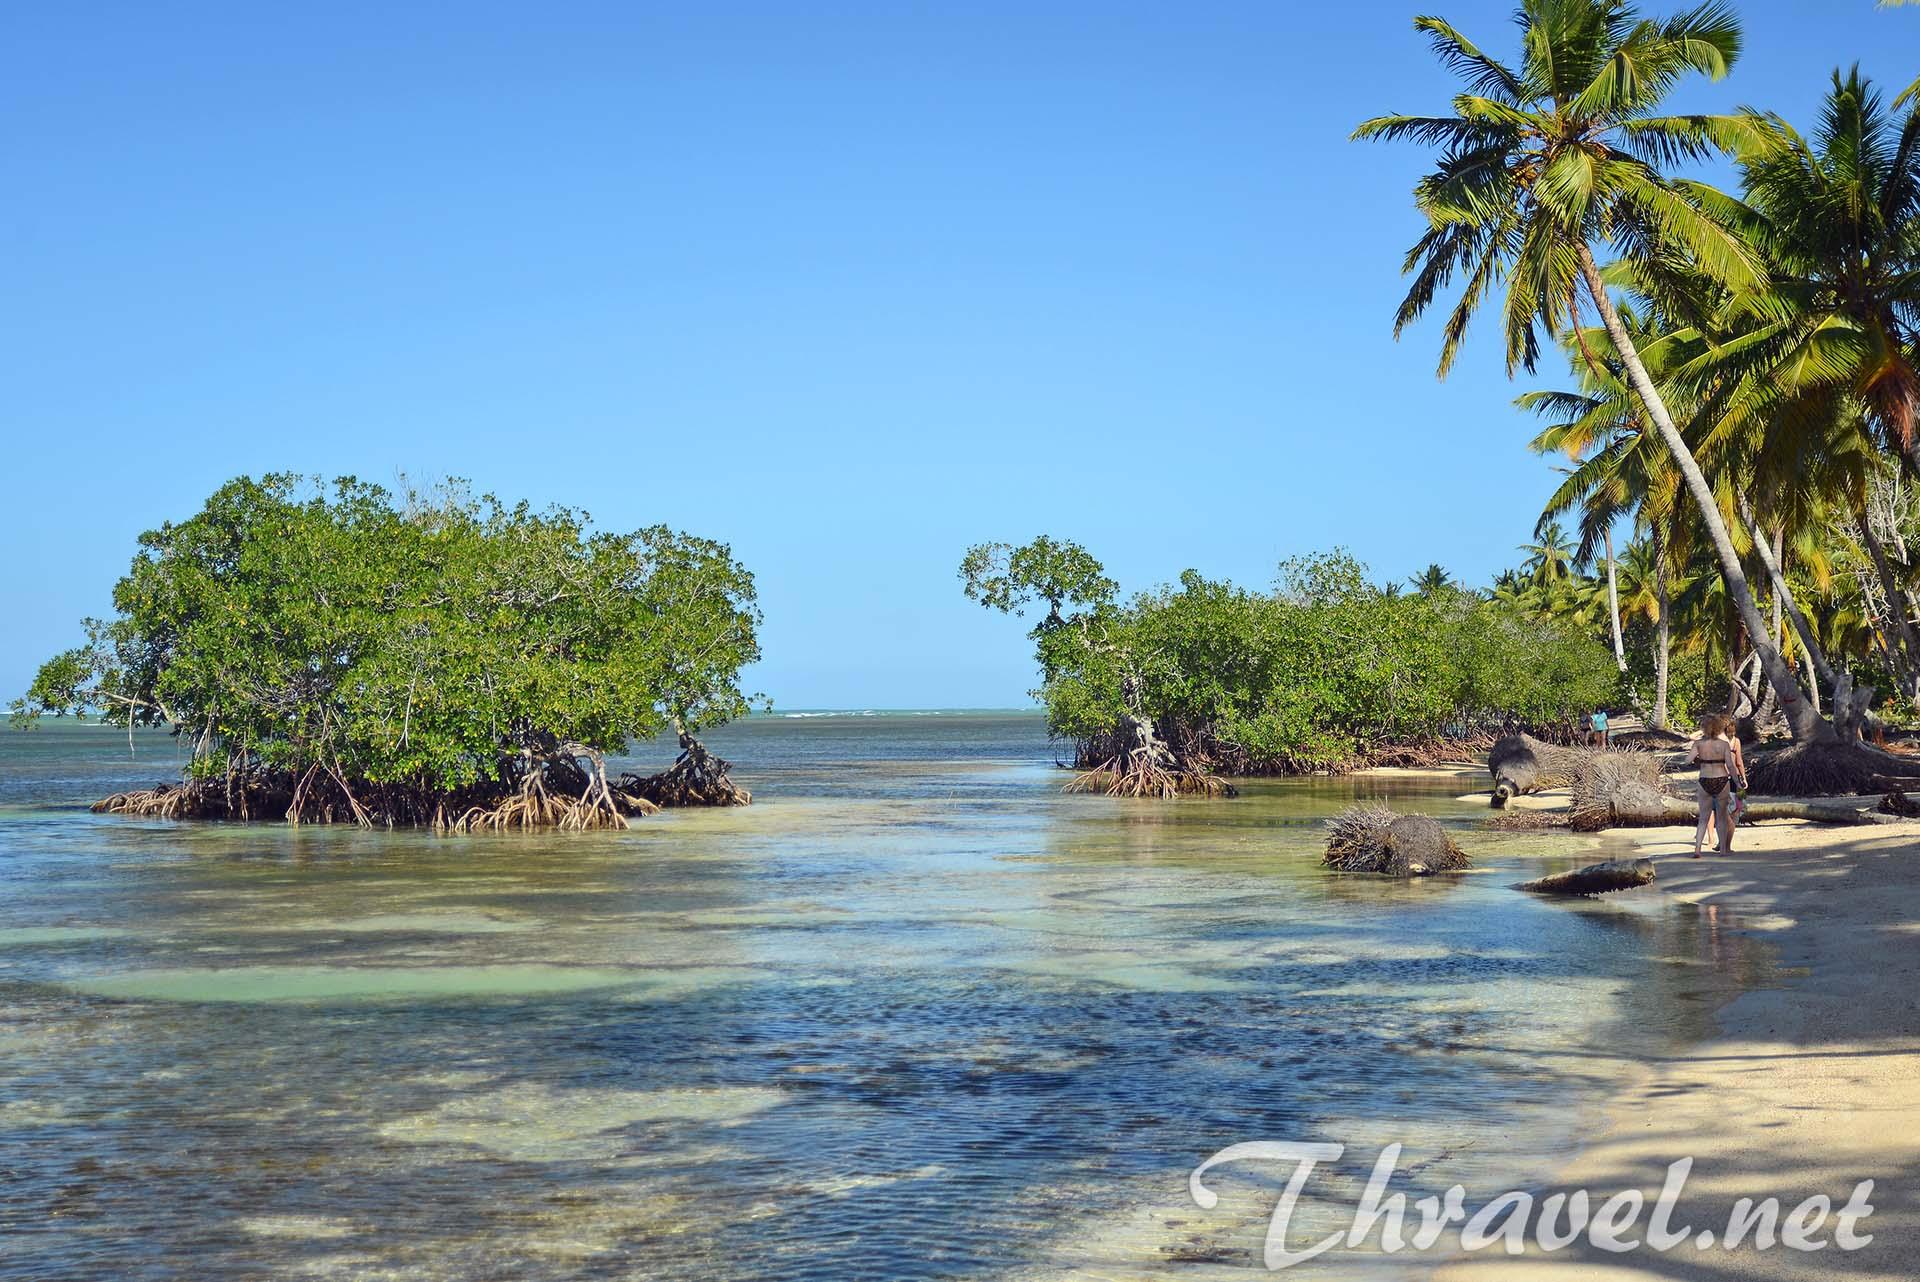 samana-mangrove-trees